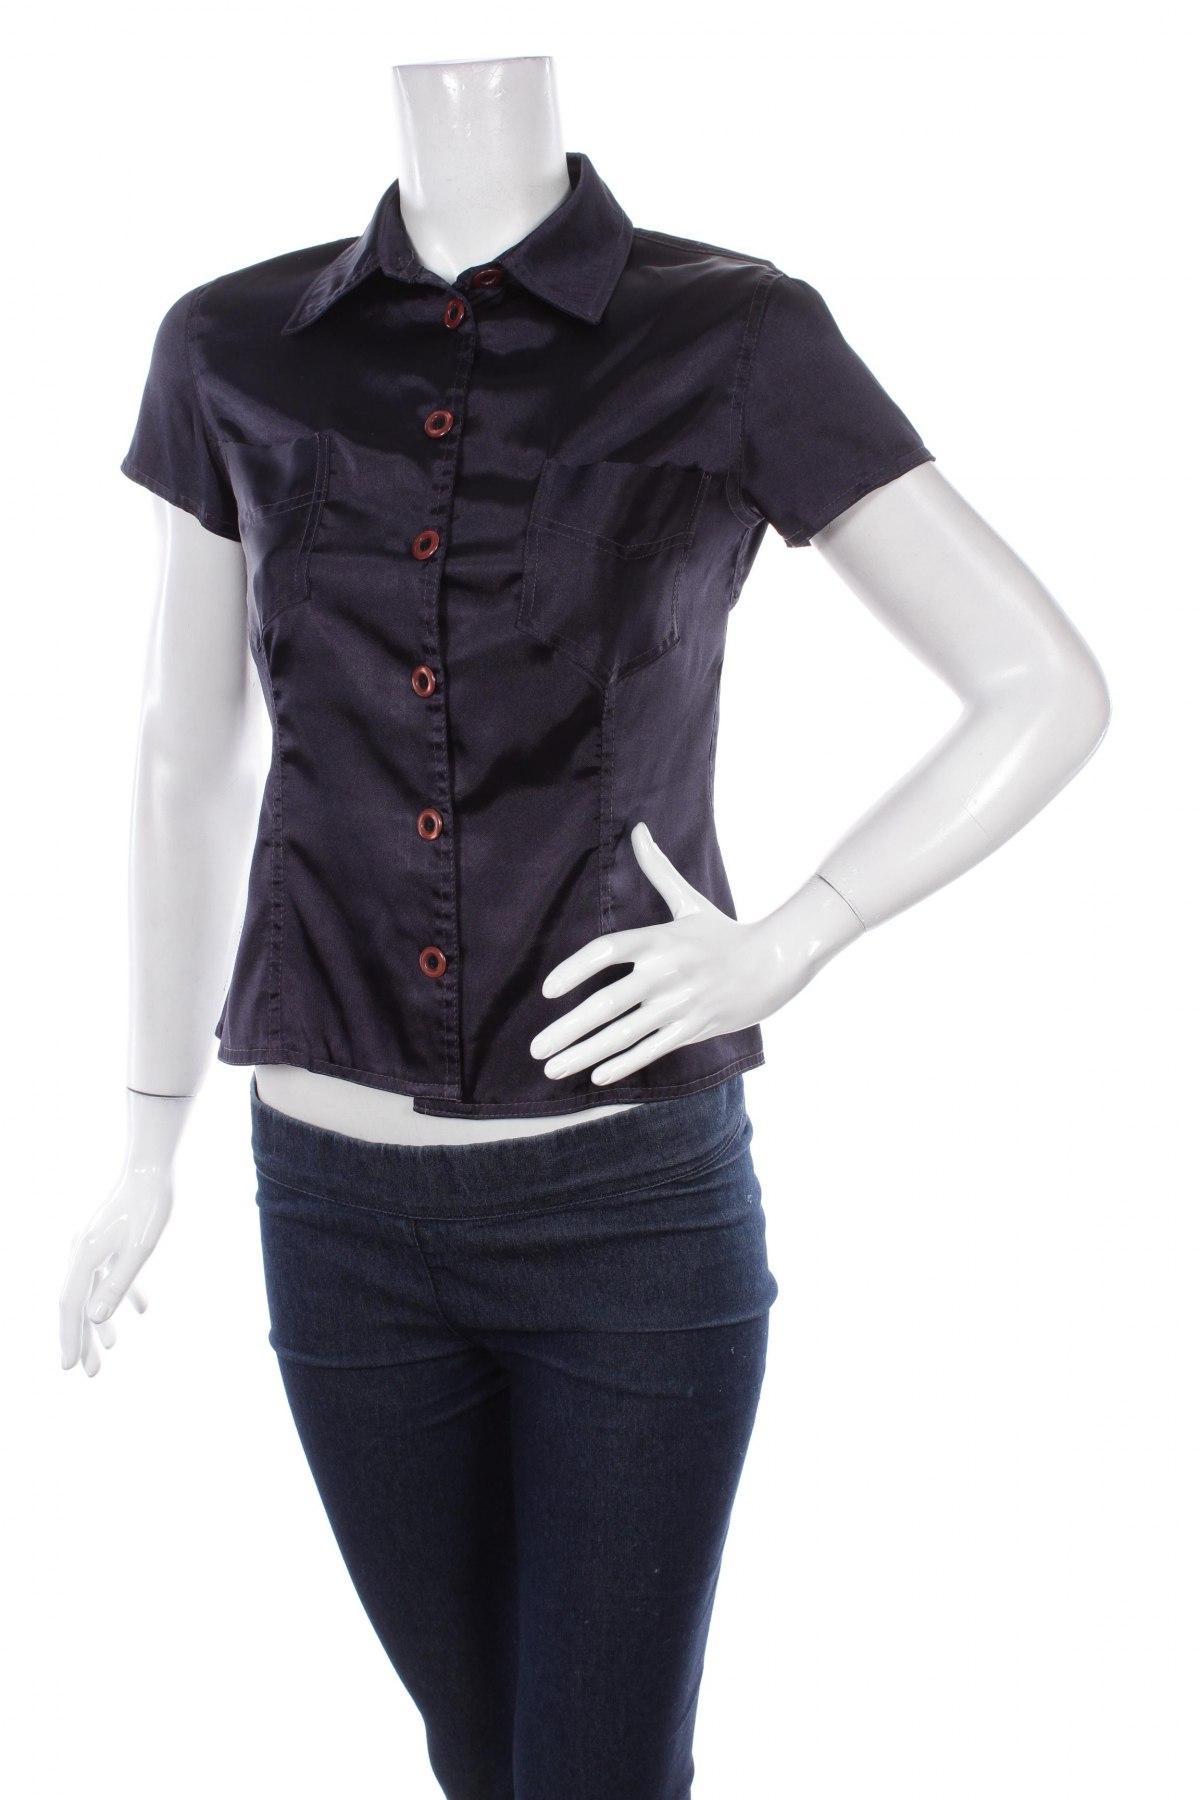 b4a205b17186 Γυναικείο πουκάμισο - σε συμφέρουσα τιμή στο Remix -  100921054